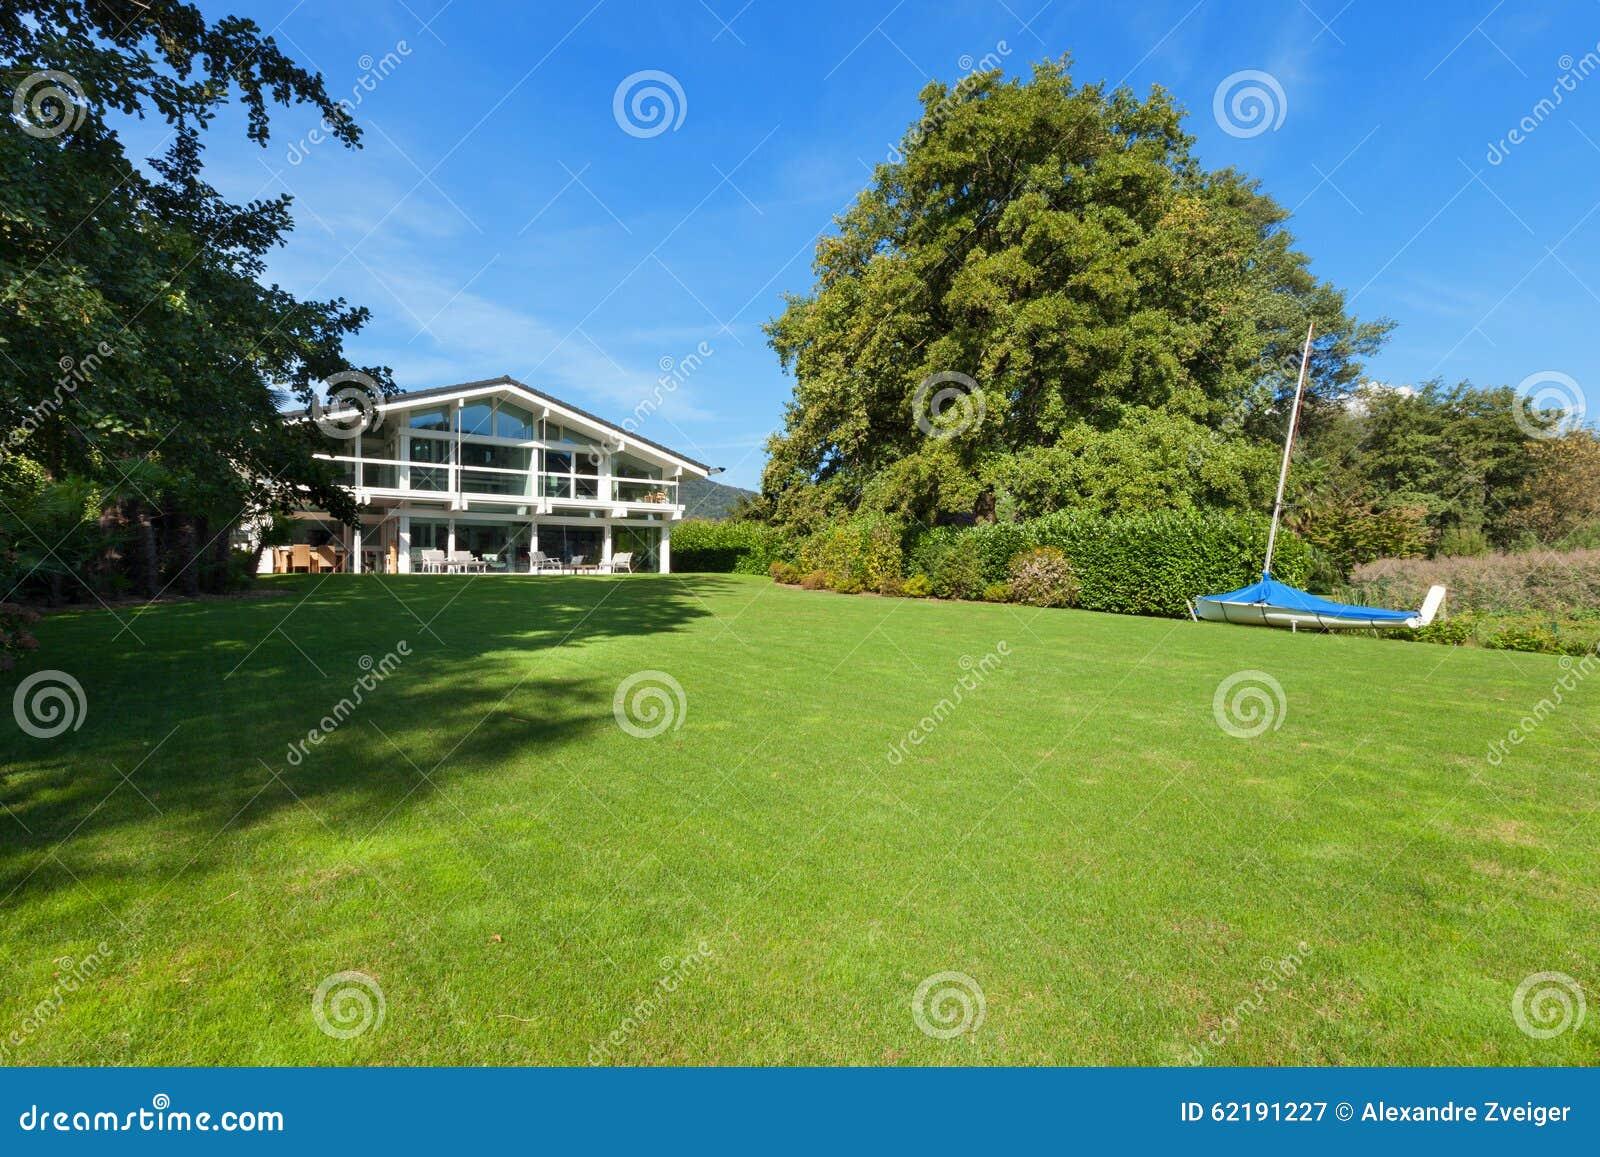 Mooi huis met tuin stock afbeelding afbeelding bestaande uit